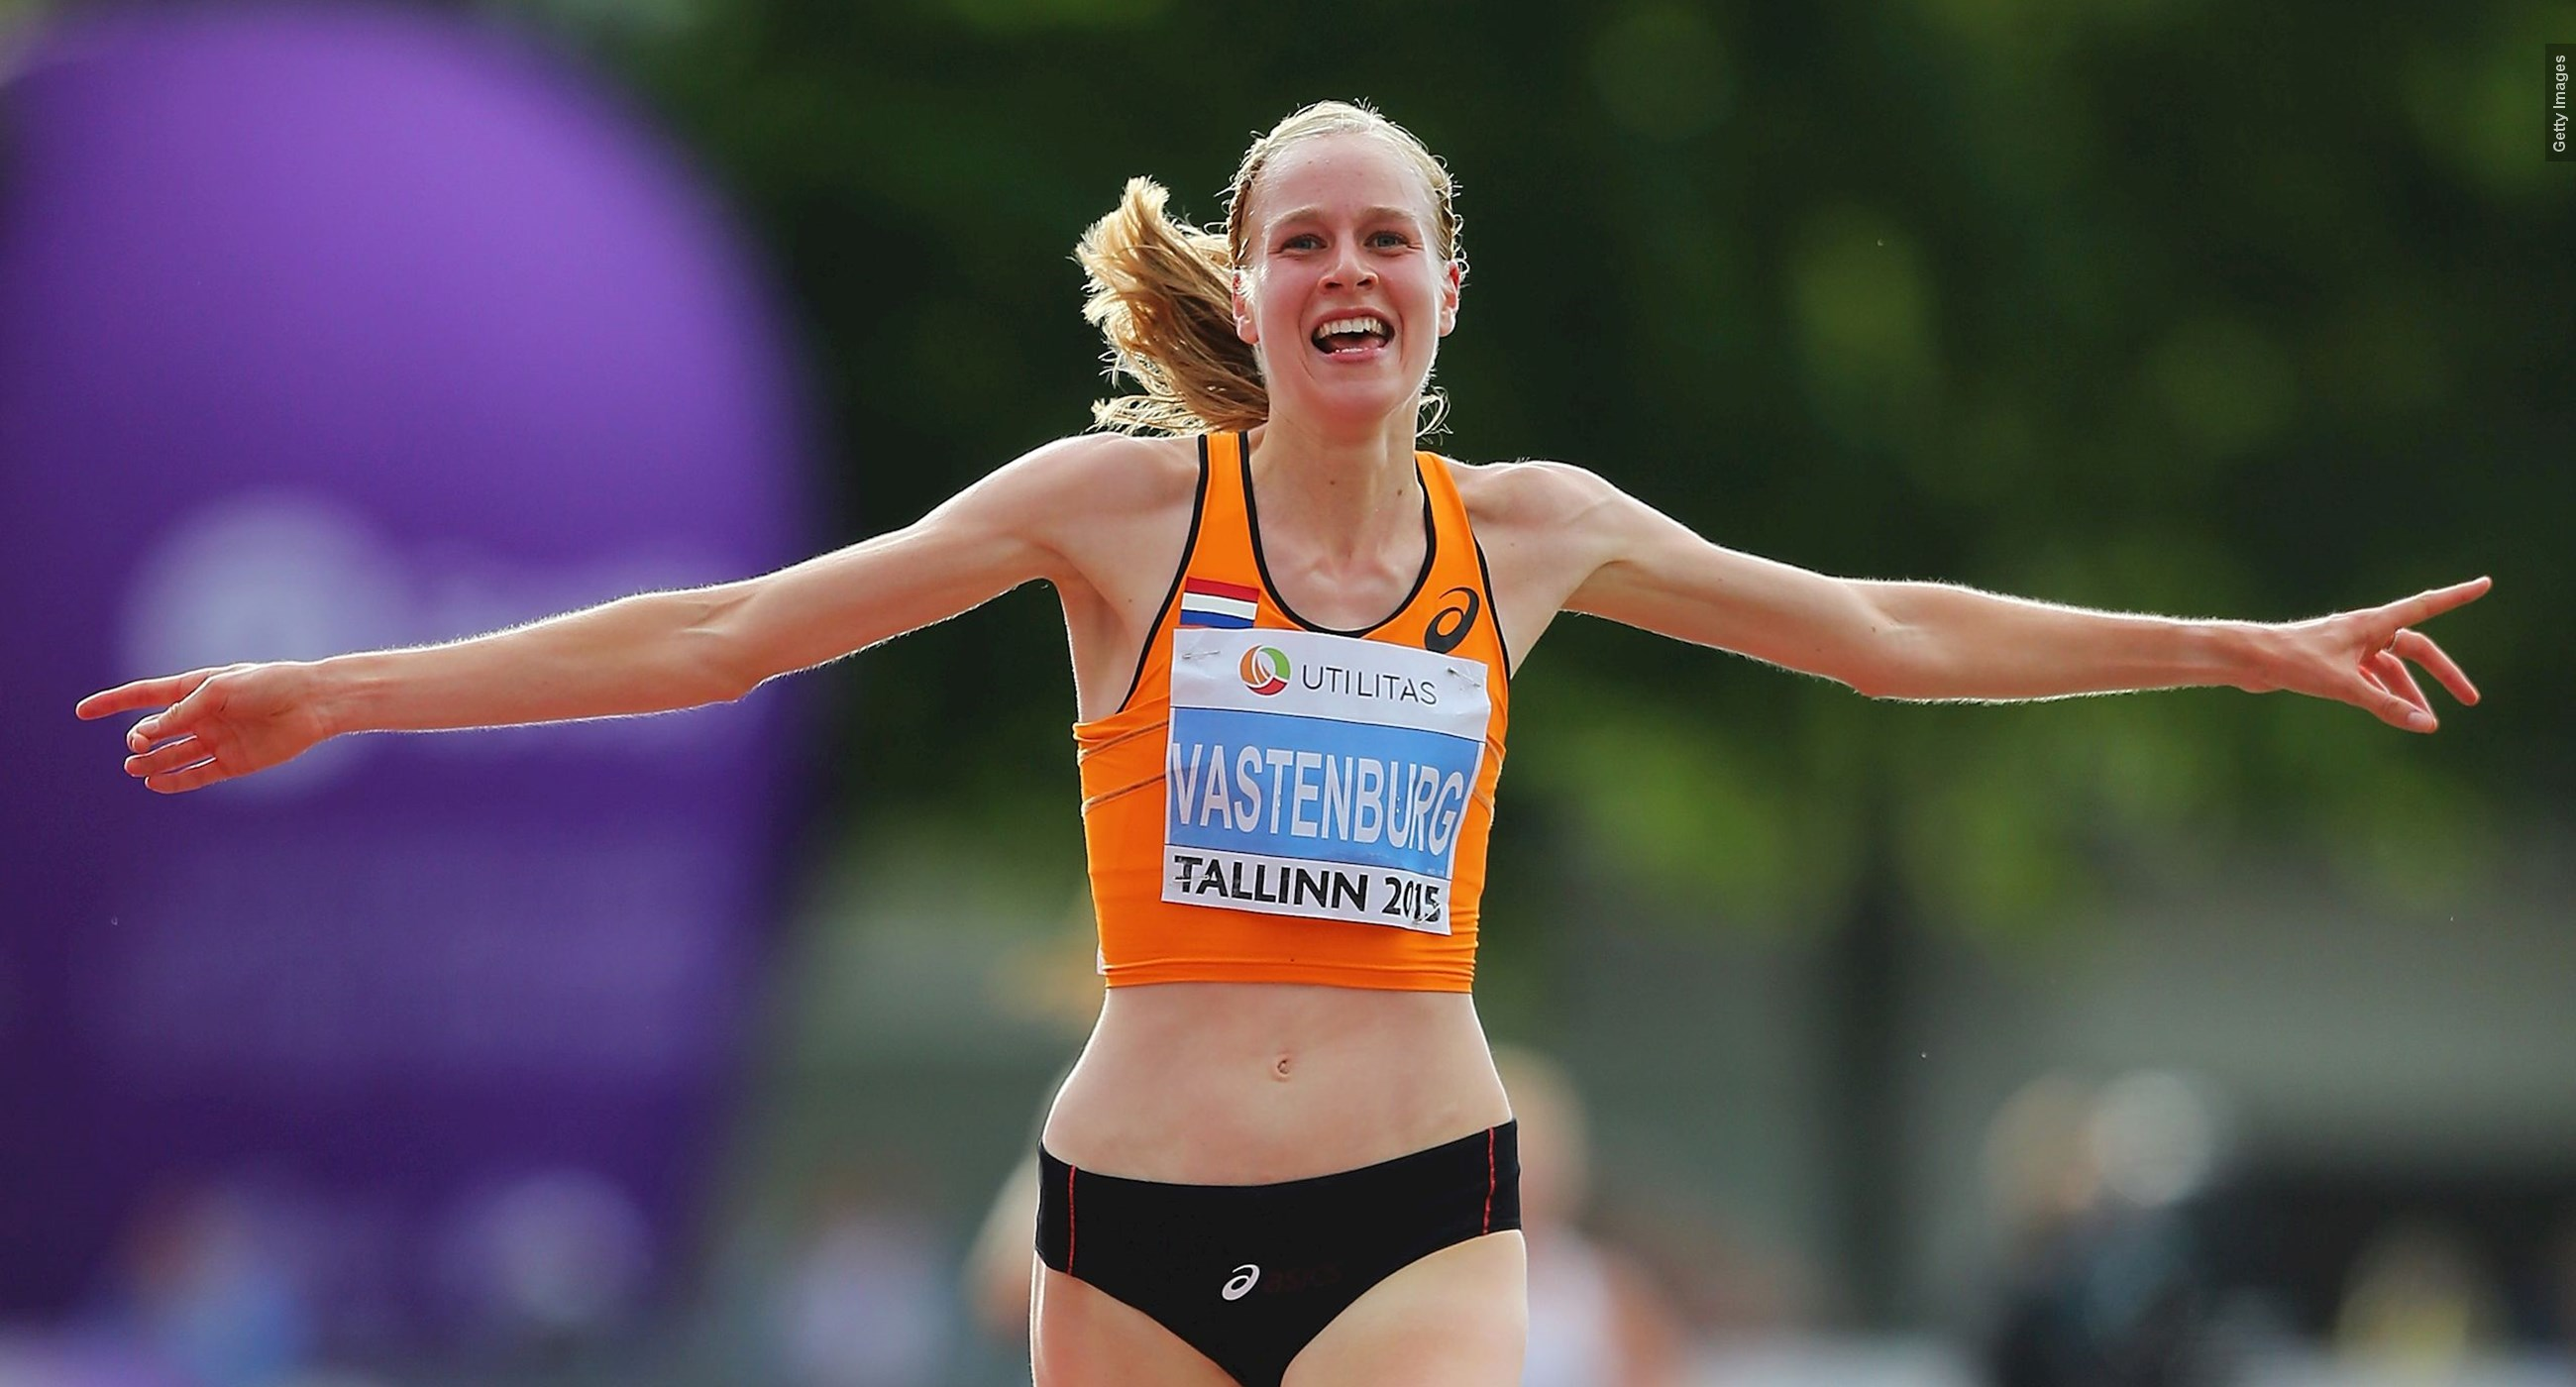 EK atletiek 10.000 meter, Londen